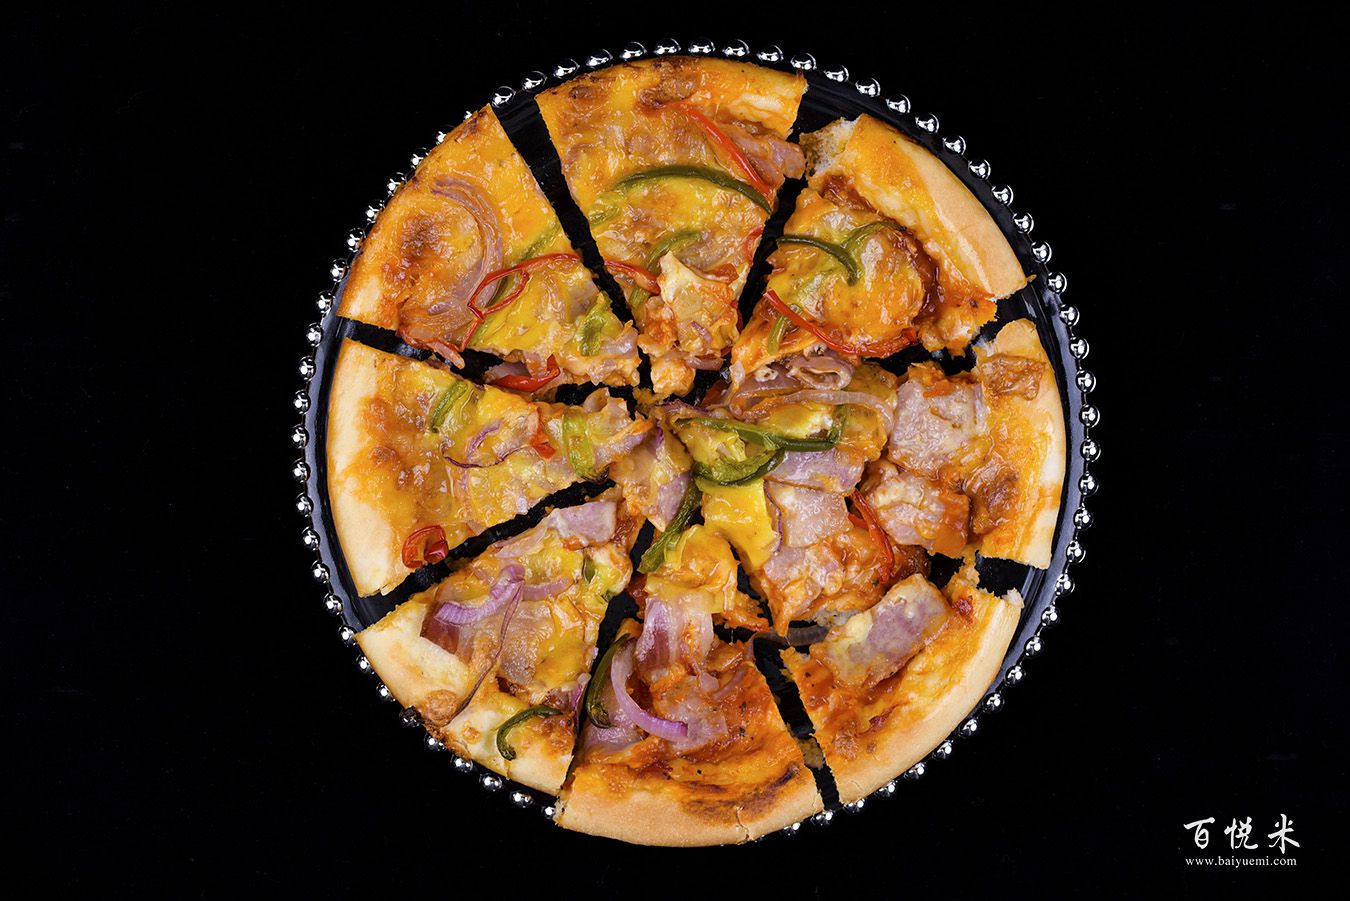 培根至尊披萨高清图片大全【蛋糕图片】